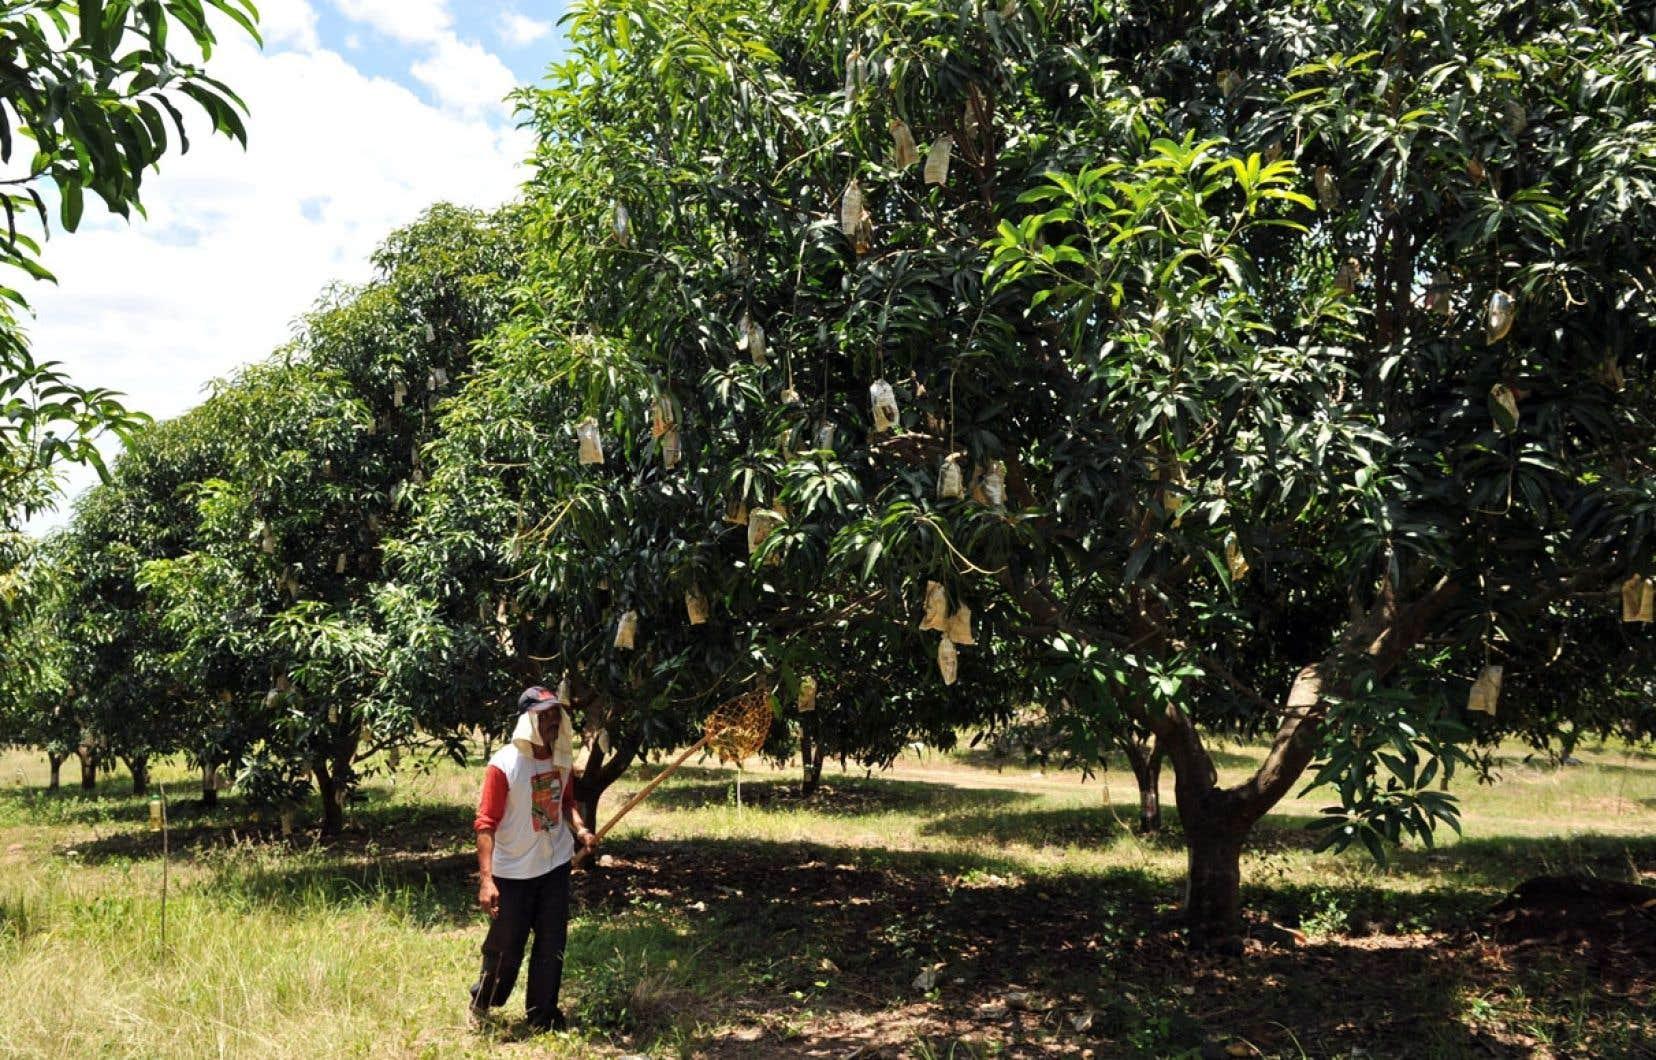 Plusieurs fruits, comme les mangues, sont allergènes, peut-être en raison des pesticides avec lesquels ils sont traités dès la floraison.